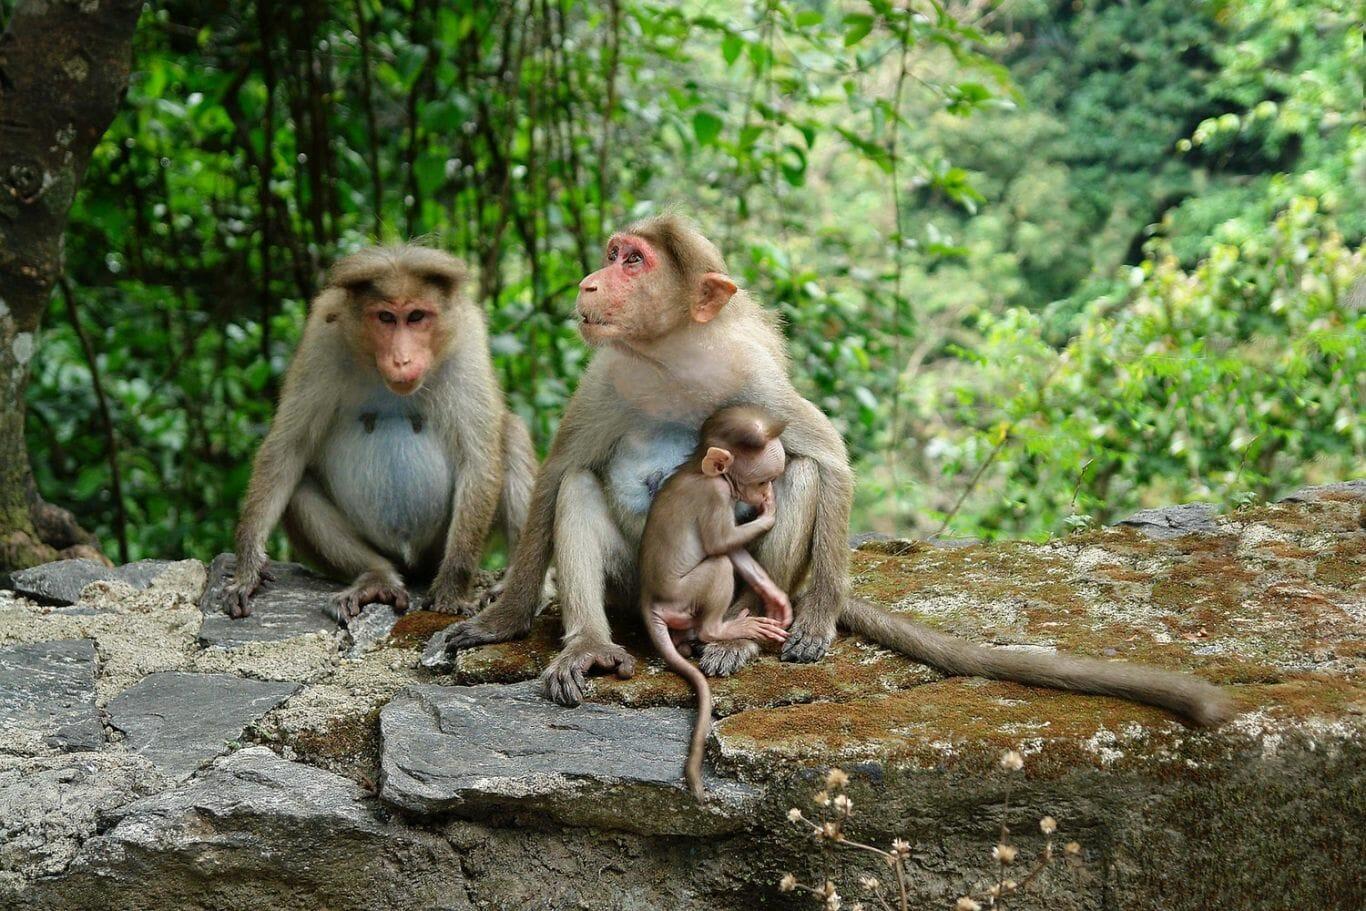 Dois macacos adultos, um deles abraçado em um macaco filhote, podem ser vistos em um ambiente natural